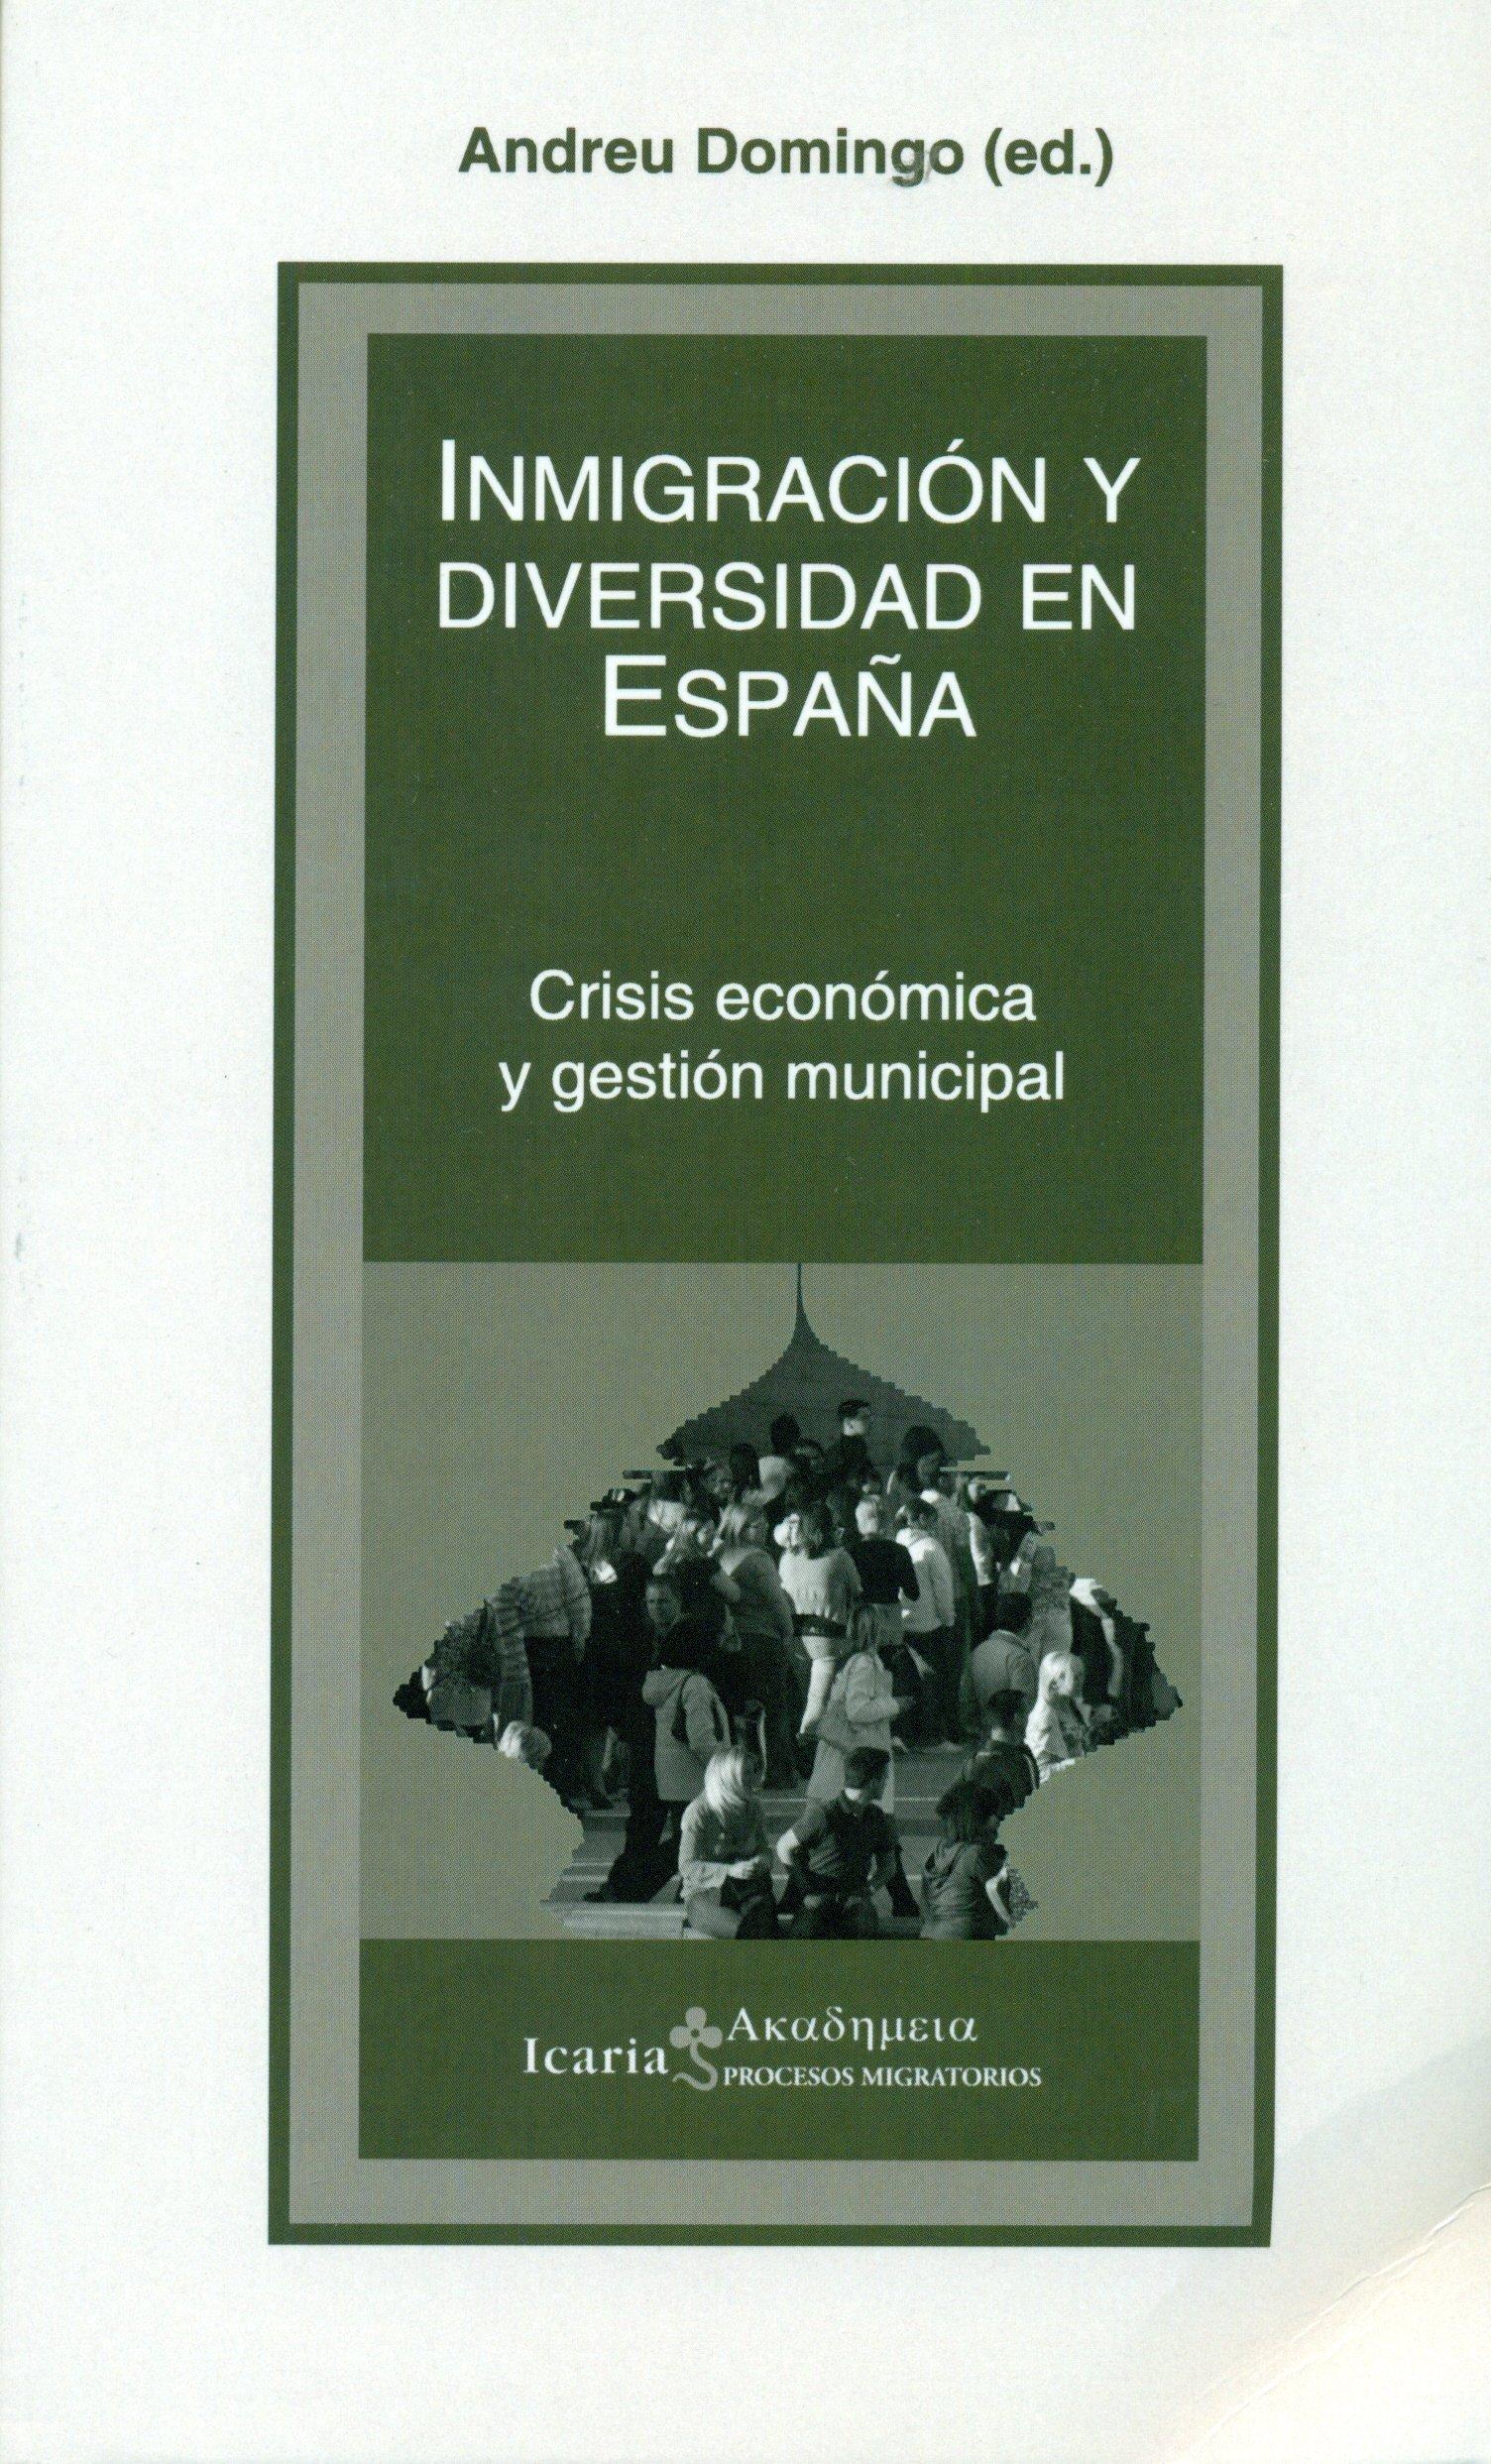 INMIGRACIÓN Y DIVERSIDAD EN ESPAÑA: Crisis económica y gestión municipal Akademeia: Amazon.es: Domingo i Valls, Andreu, Domingo i Valls, Andreu: Libros